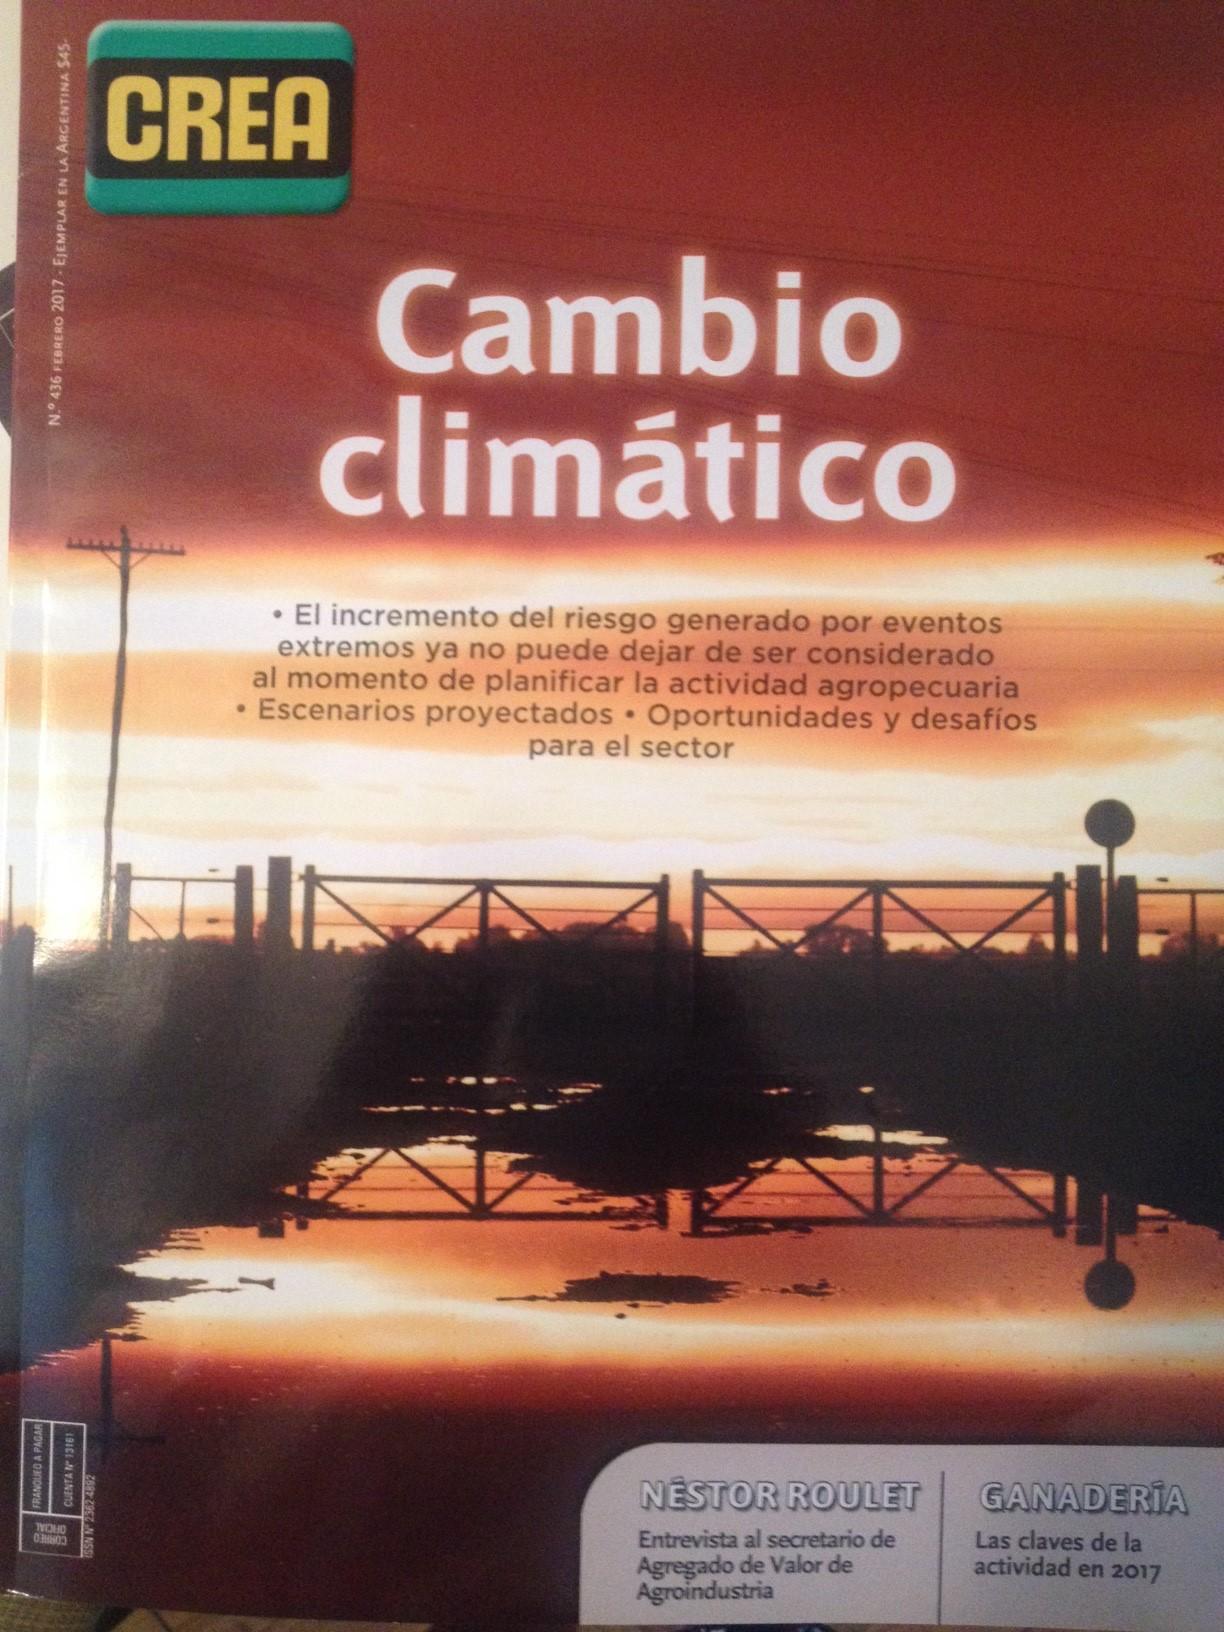 Artículo de Alejandra Cámara, Directora de GENESIS, publicado en Revista CREA